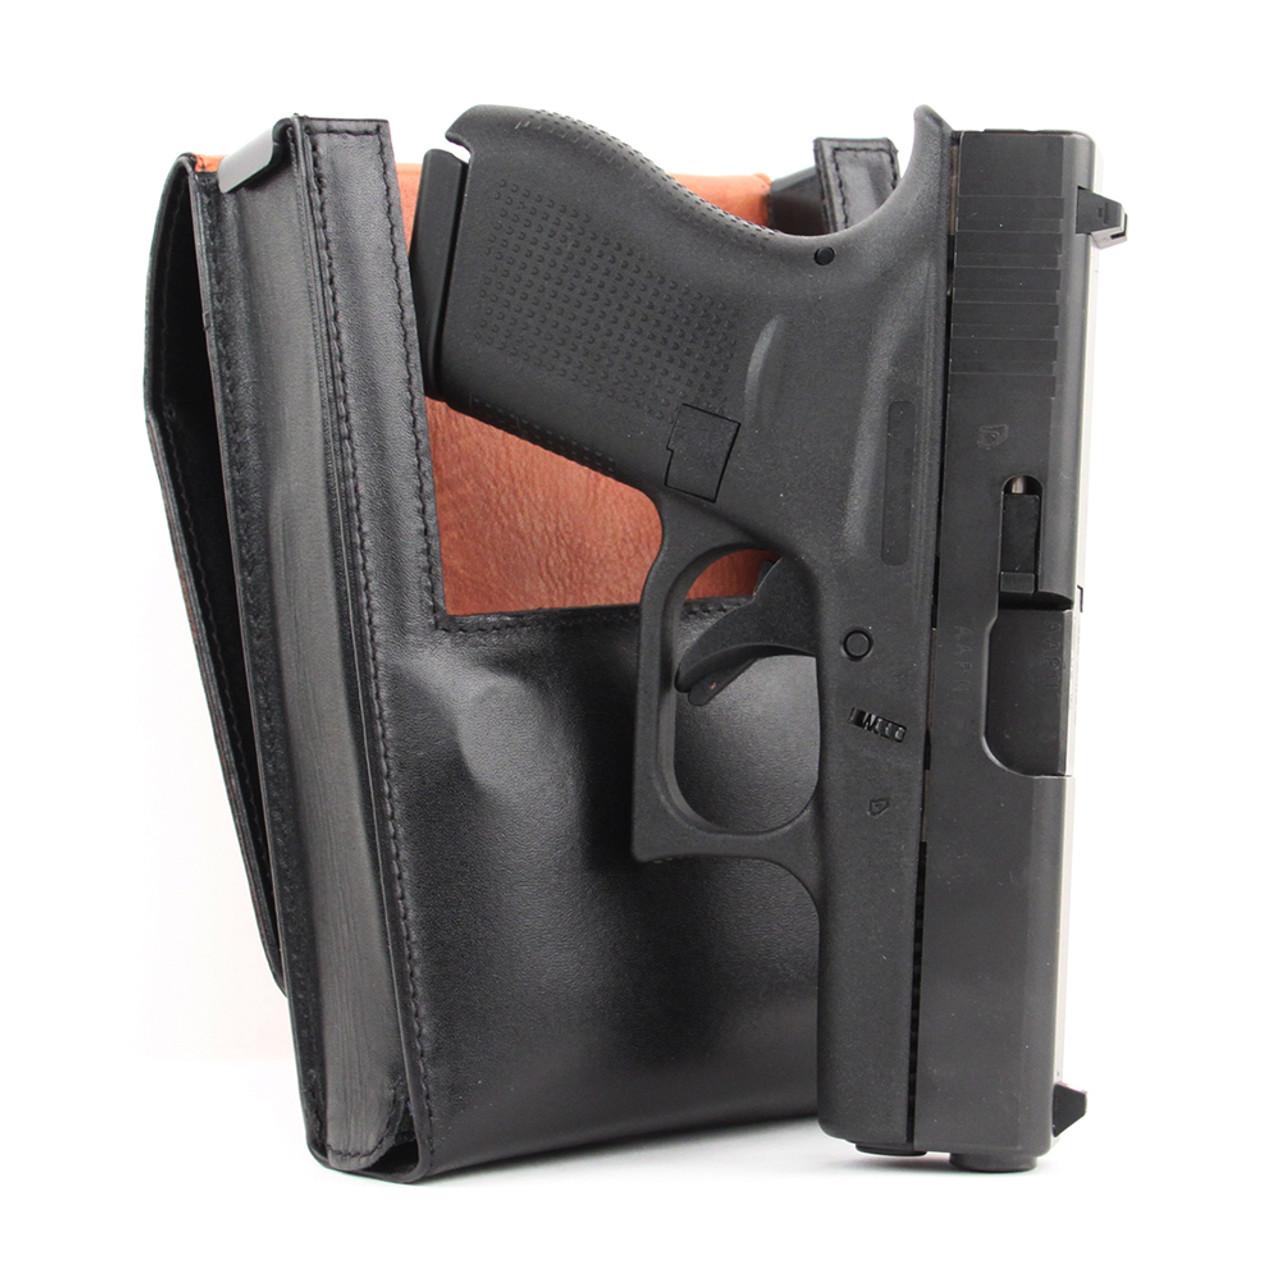 Glock 43 Sneaky Pete Holster (Belt Clip)